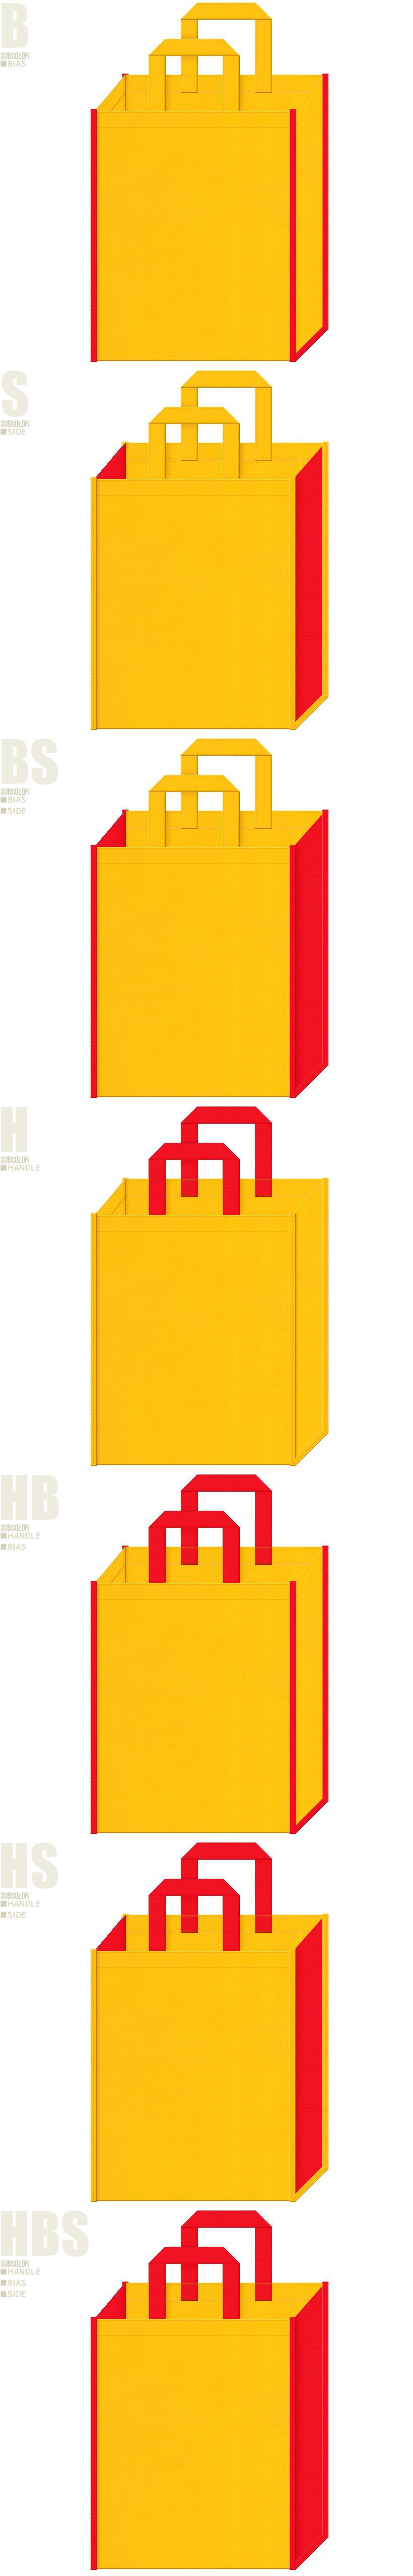 琉球舞踊・アフリカ・カーニバル・サンバ・ピエロ・サーカス・ゲーム・パズル・おもちゃ・テーマパーク・節分・赤鬼・通園バッグ・キッズイベントにお奨めの不織布バッグデザイン:黄色と赤色の配色7パターン